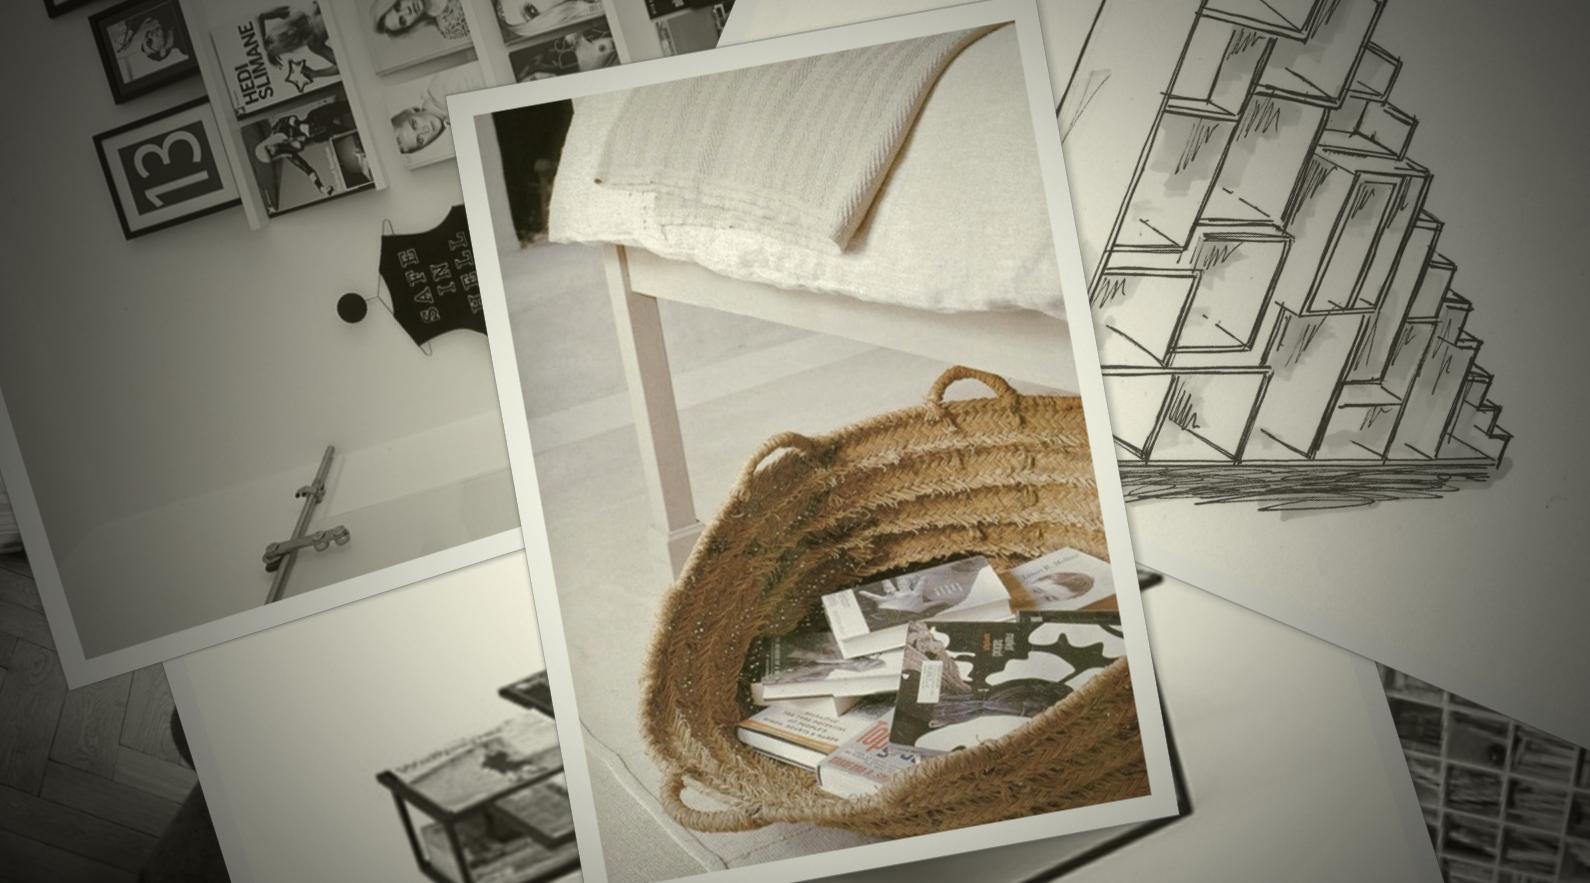 Gebrauchsgegenstände werden als stimmungsvolle Accessoires eingesetzt.